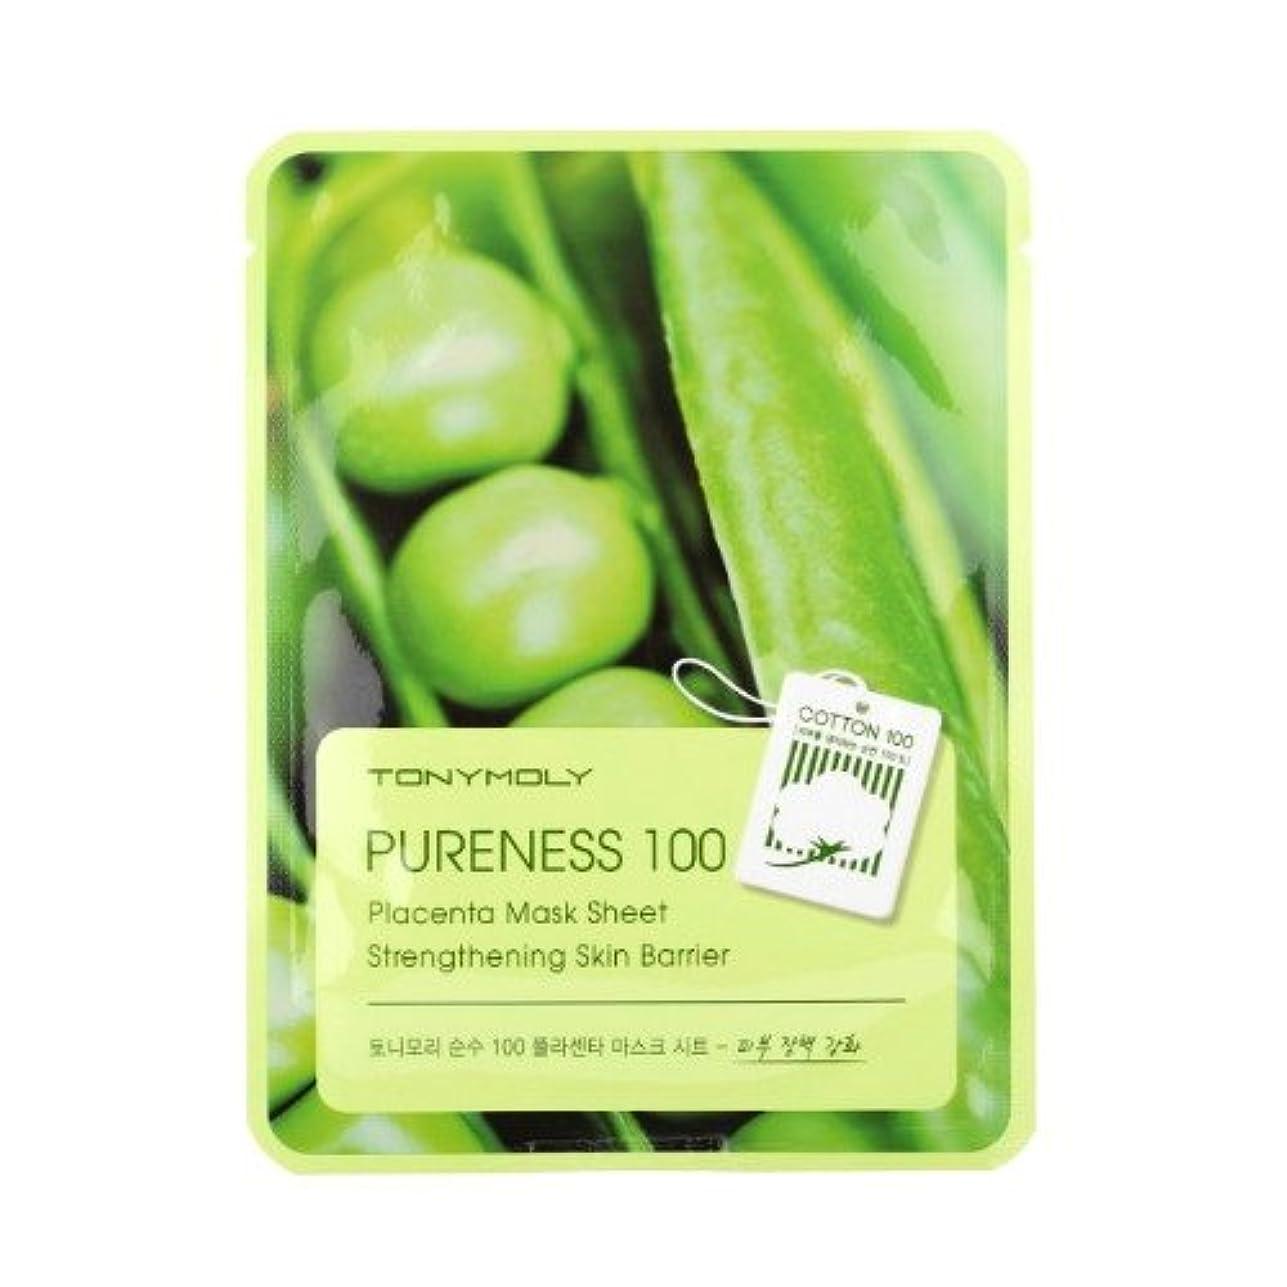 クレーター面積故国(3 Pack) TONYMOLY Pureness 100 Placenta Mask Sheet Strengthening Skin Barrier (並行輸入品)